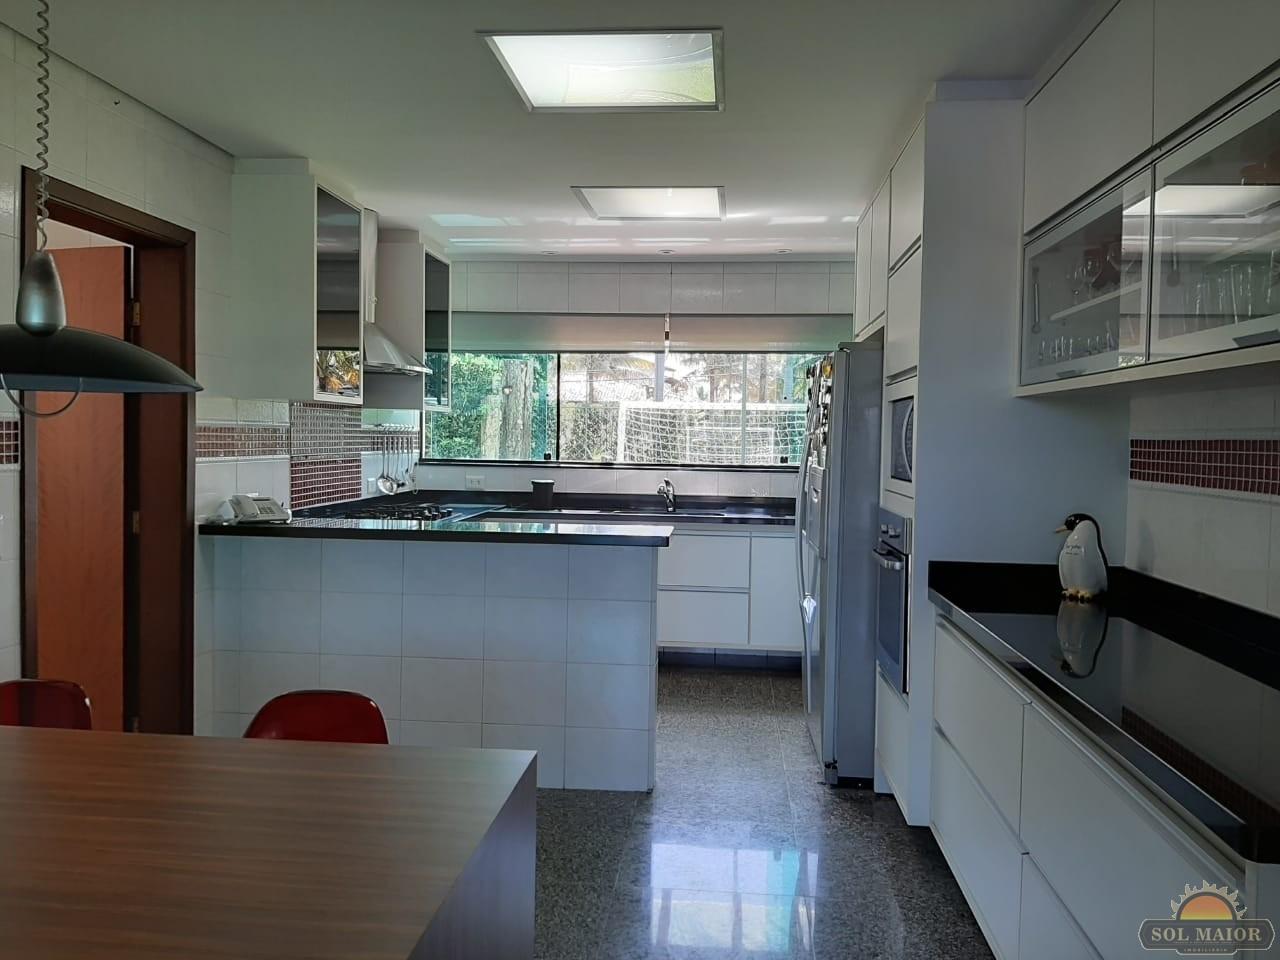 SOBRADO EM 4 LOTES EM CONDOMIN - Referencia  1245 em  Peruibe       Sol Maior Imóveis Peruíbe - Imobiliária em Peruíbe. Casas, Apartamentos, Terrenos, Condomínios, Comerciais e Áreas.